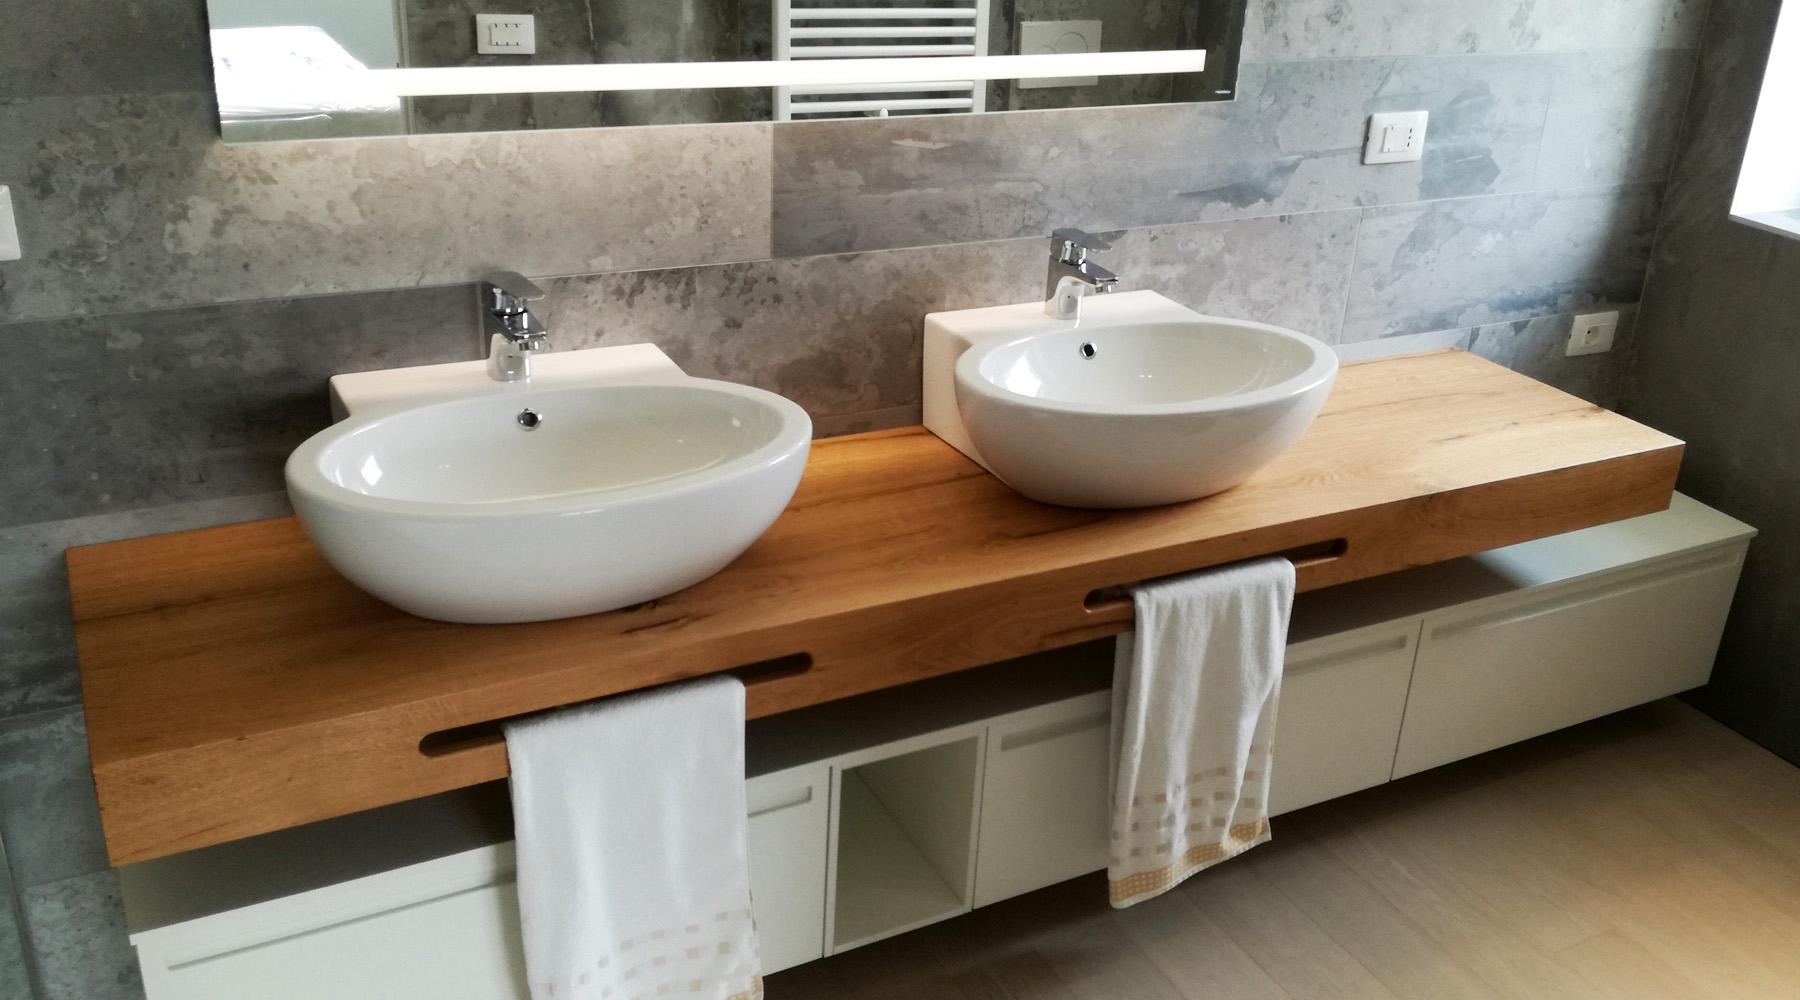 Mobile bagno doppio lavabo con mensola in legno - Mensola bagno appoggio lavabo ...